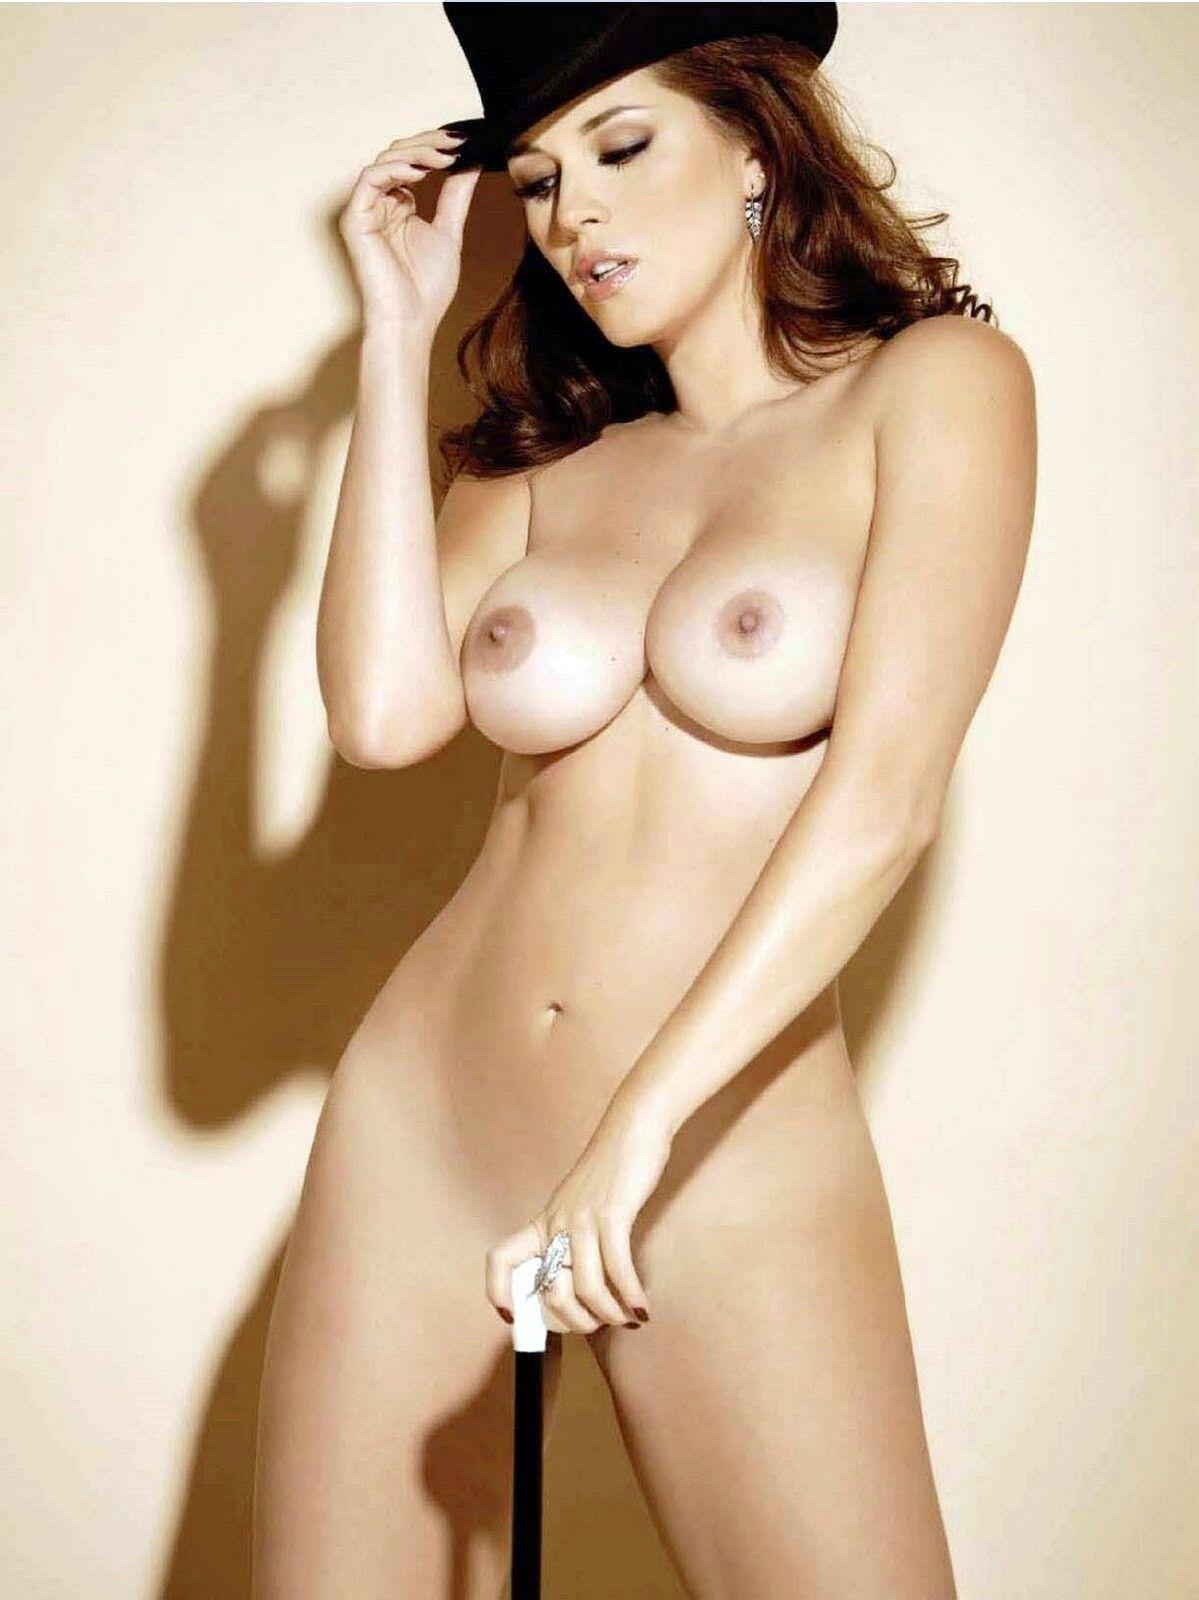 Tits on spunk big